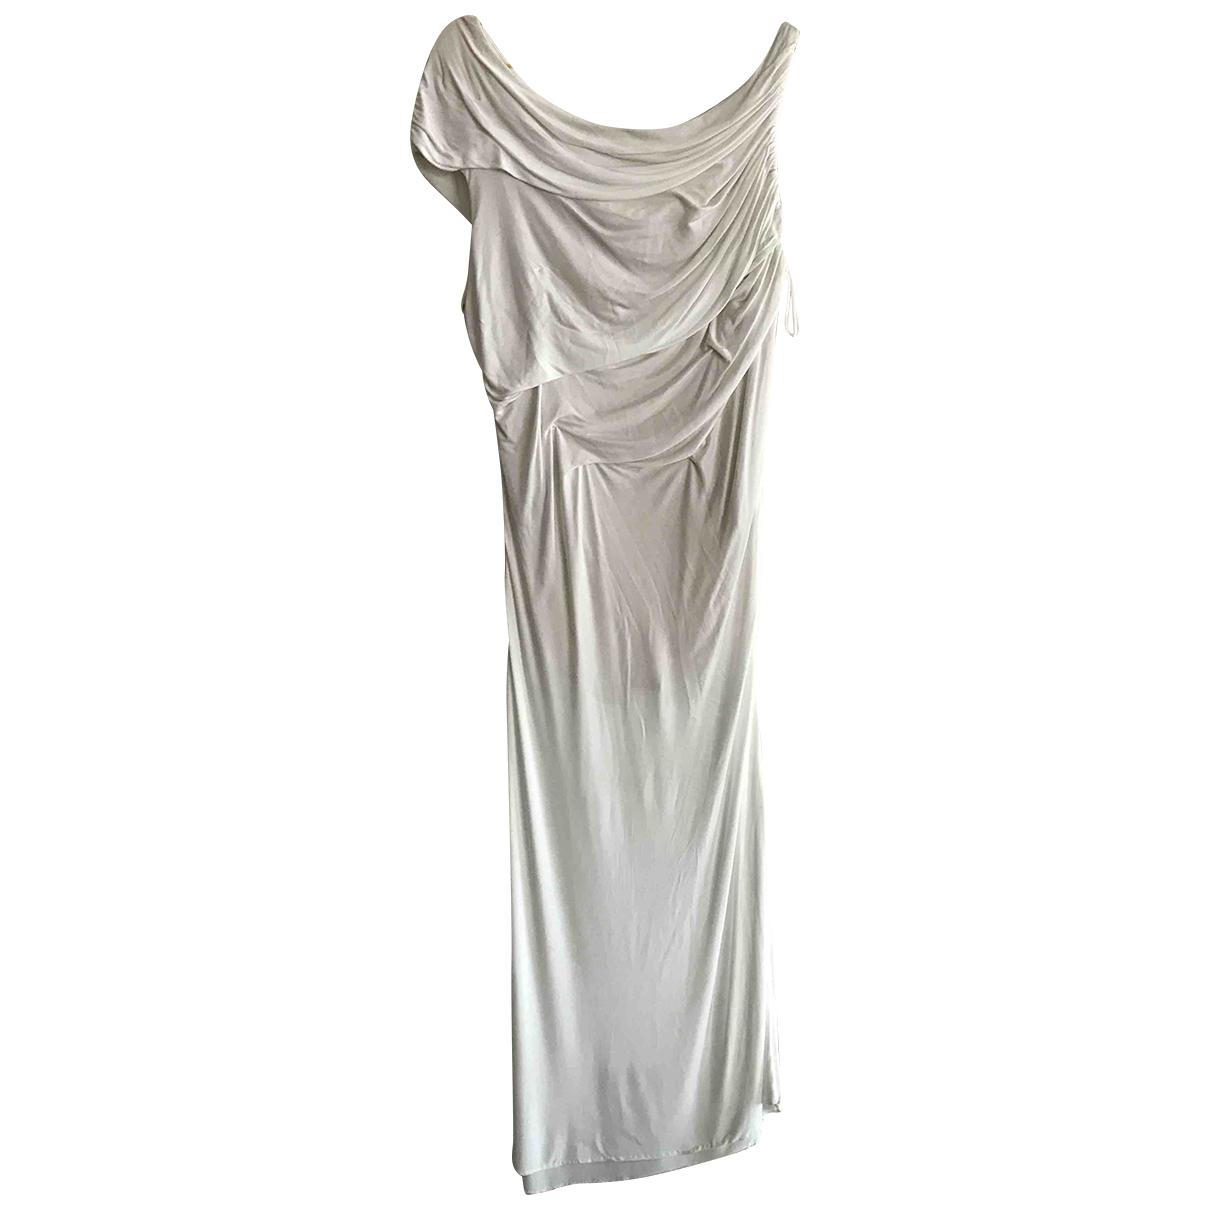 Gianni Versace \N Kleid in  Weiss Viskose